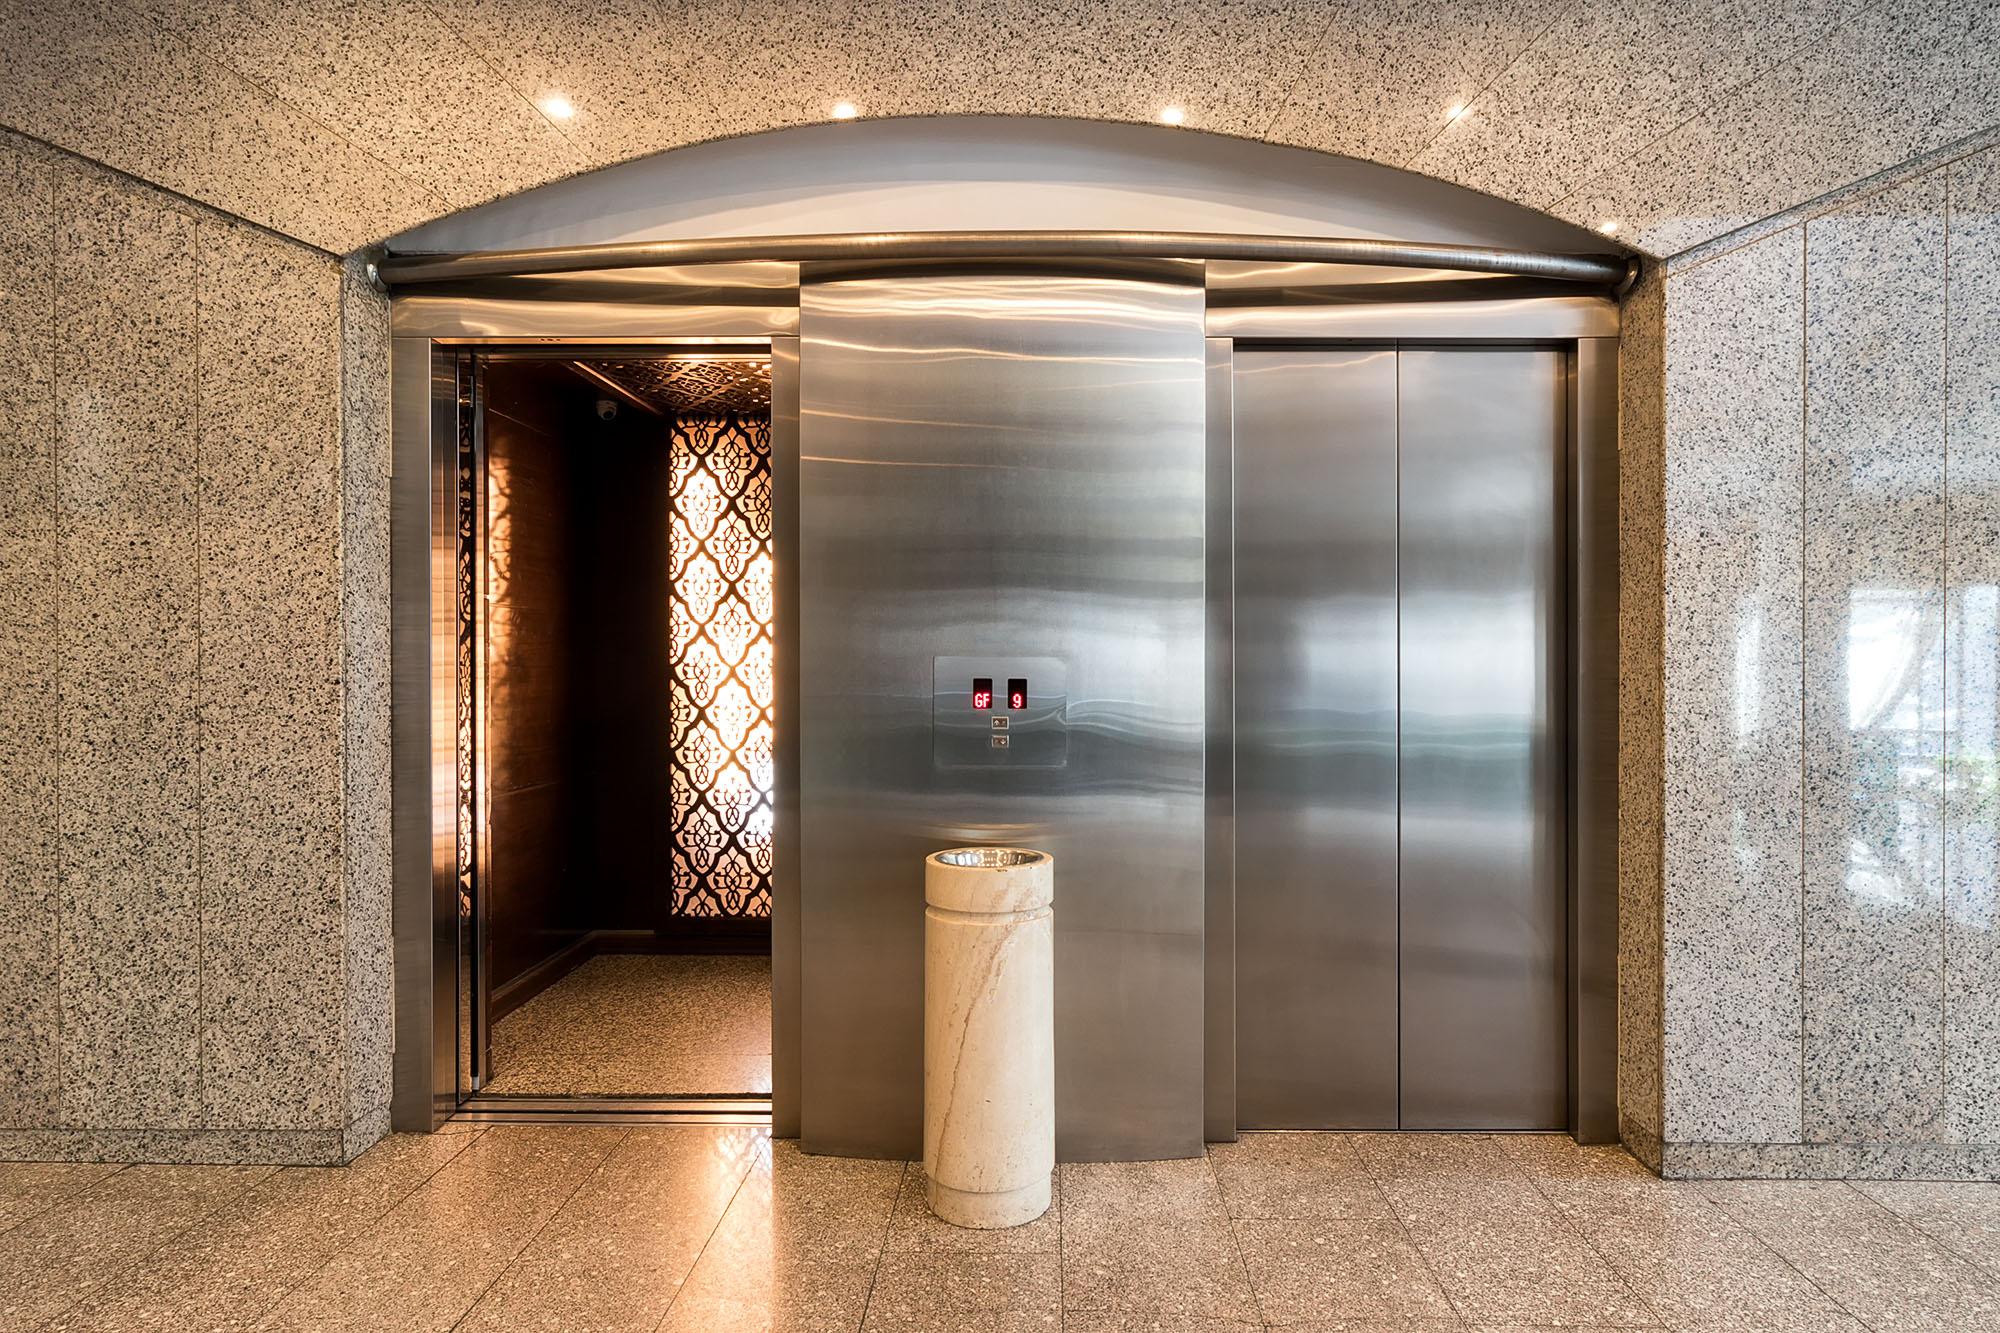 شرکت مهندسی به راز، پارکینگ مکانیزه به راز، شرکت به راز، پارکینگ هوشمند، آسانسور، آسانسور هیدرولیکی